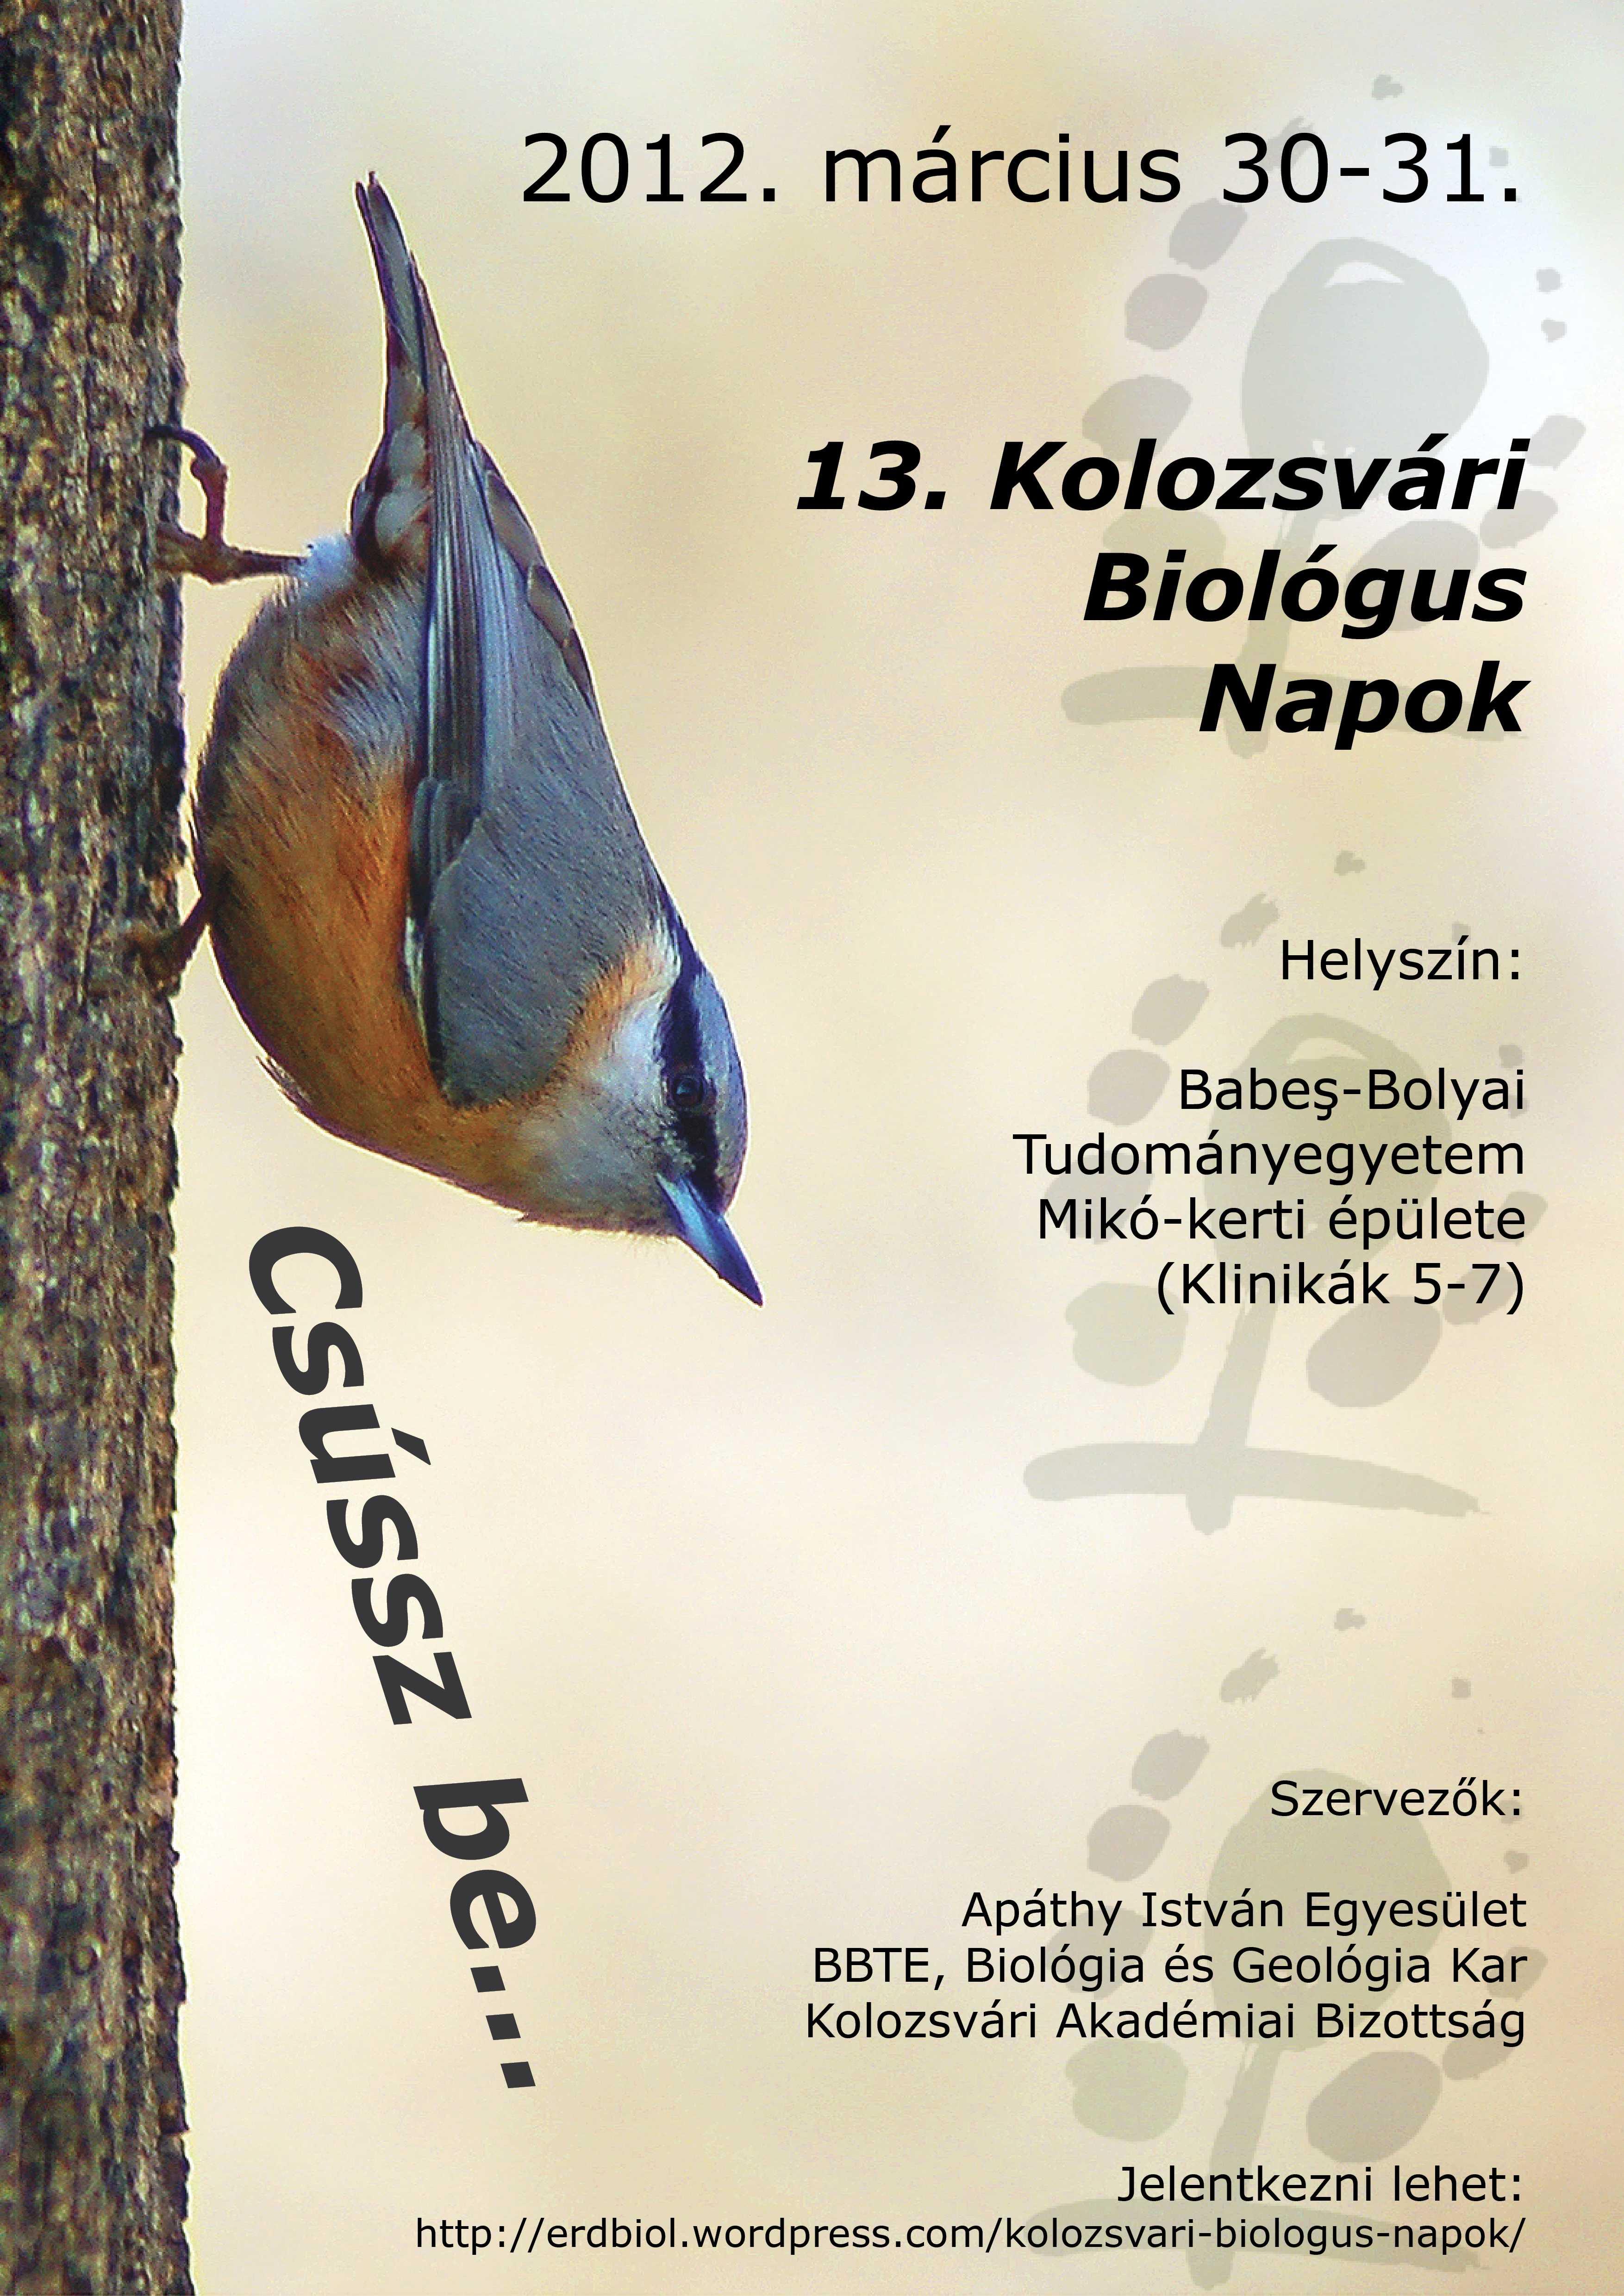 13. Biológus Napok Kolozsváron